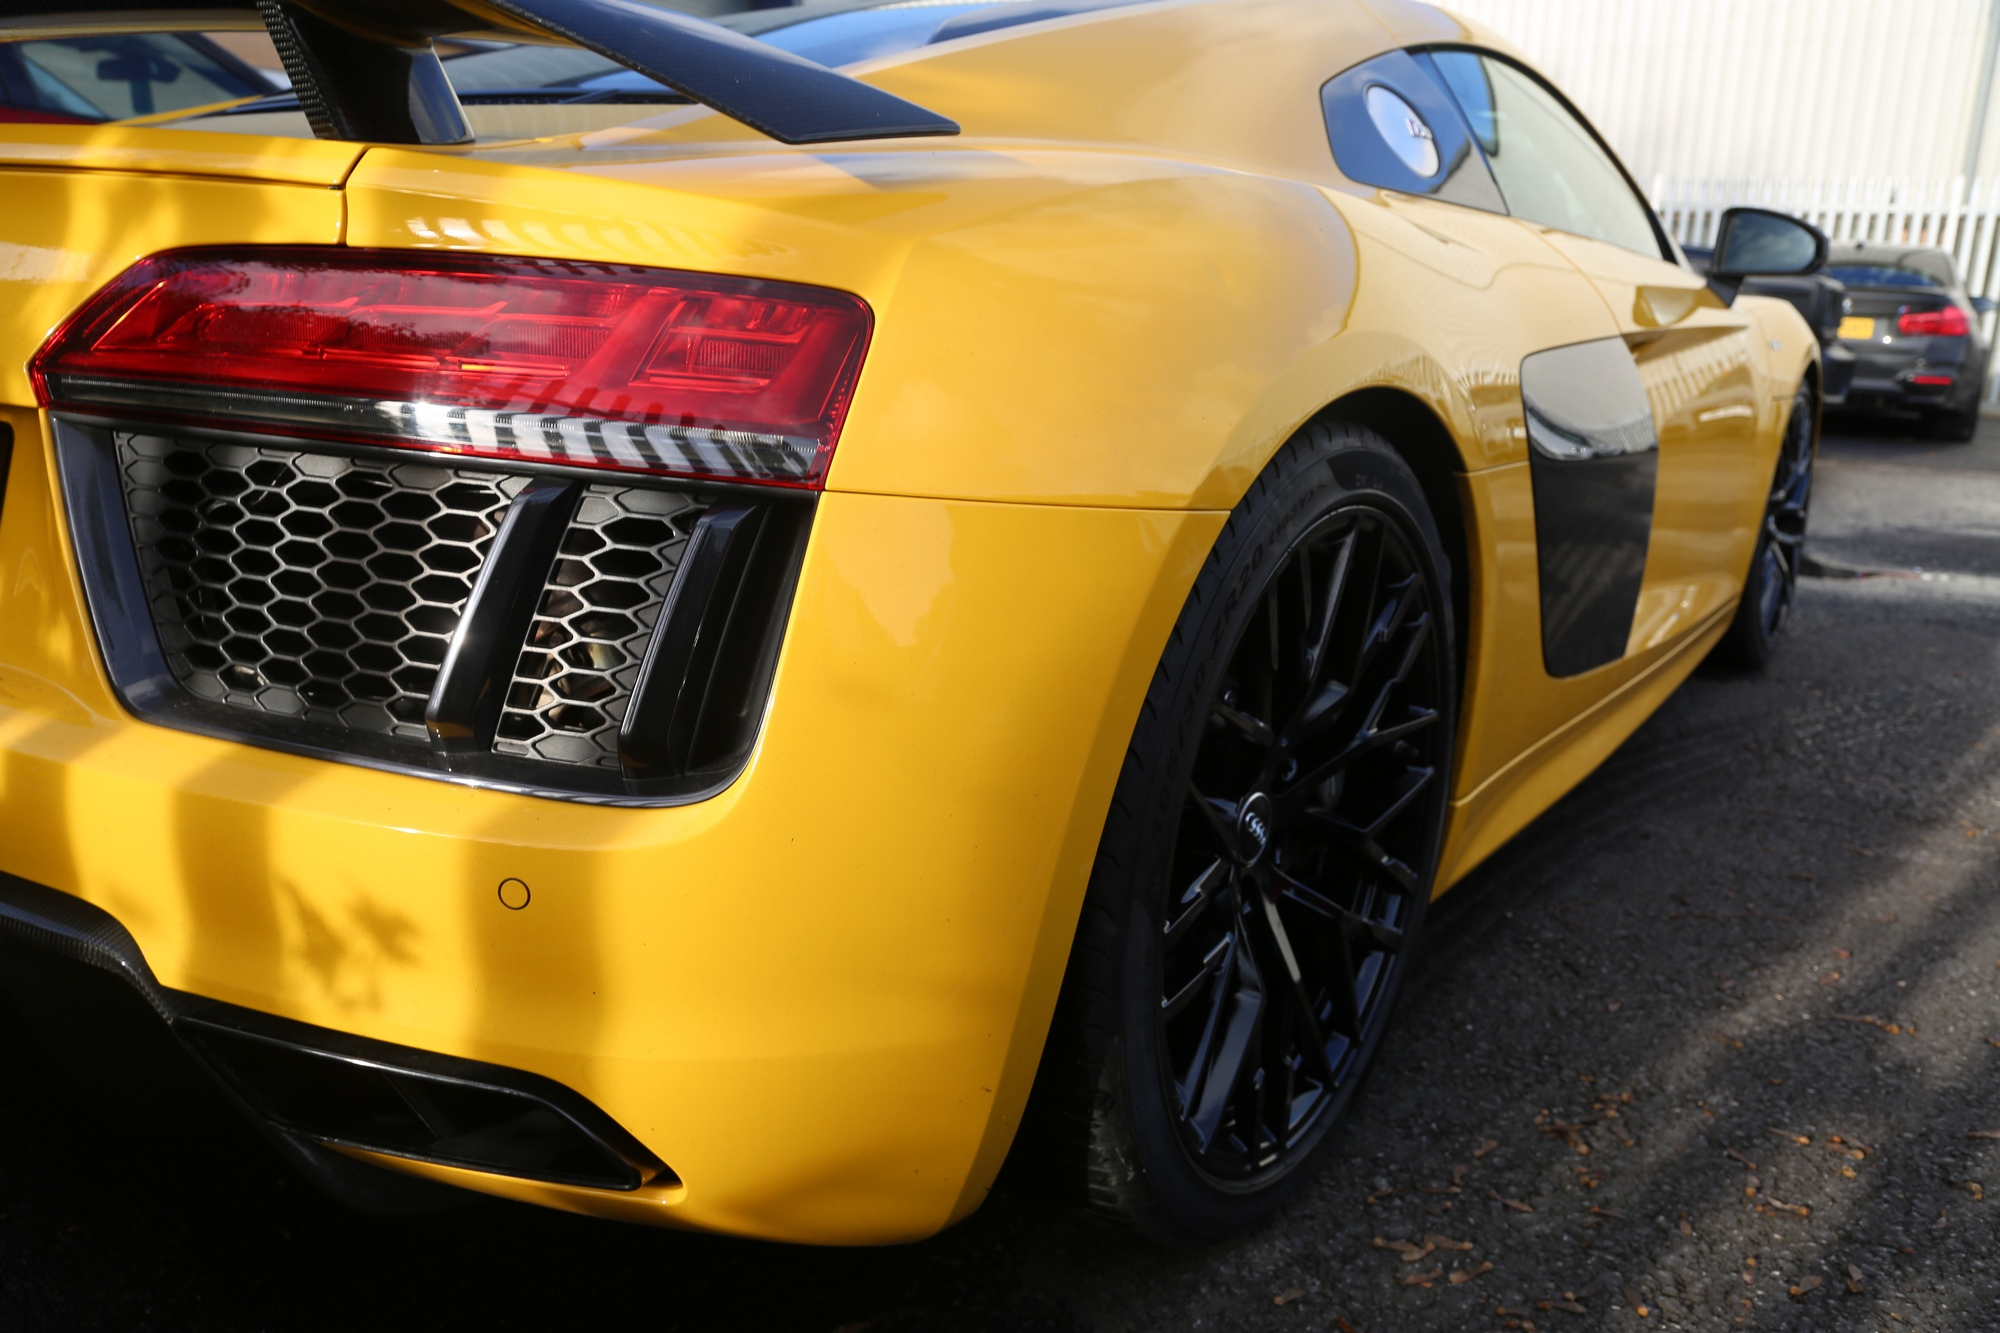 diamond cut huddersfield audi r8 black wheels 2